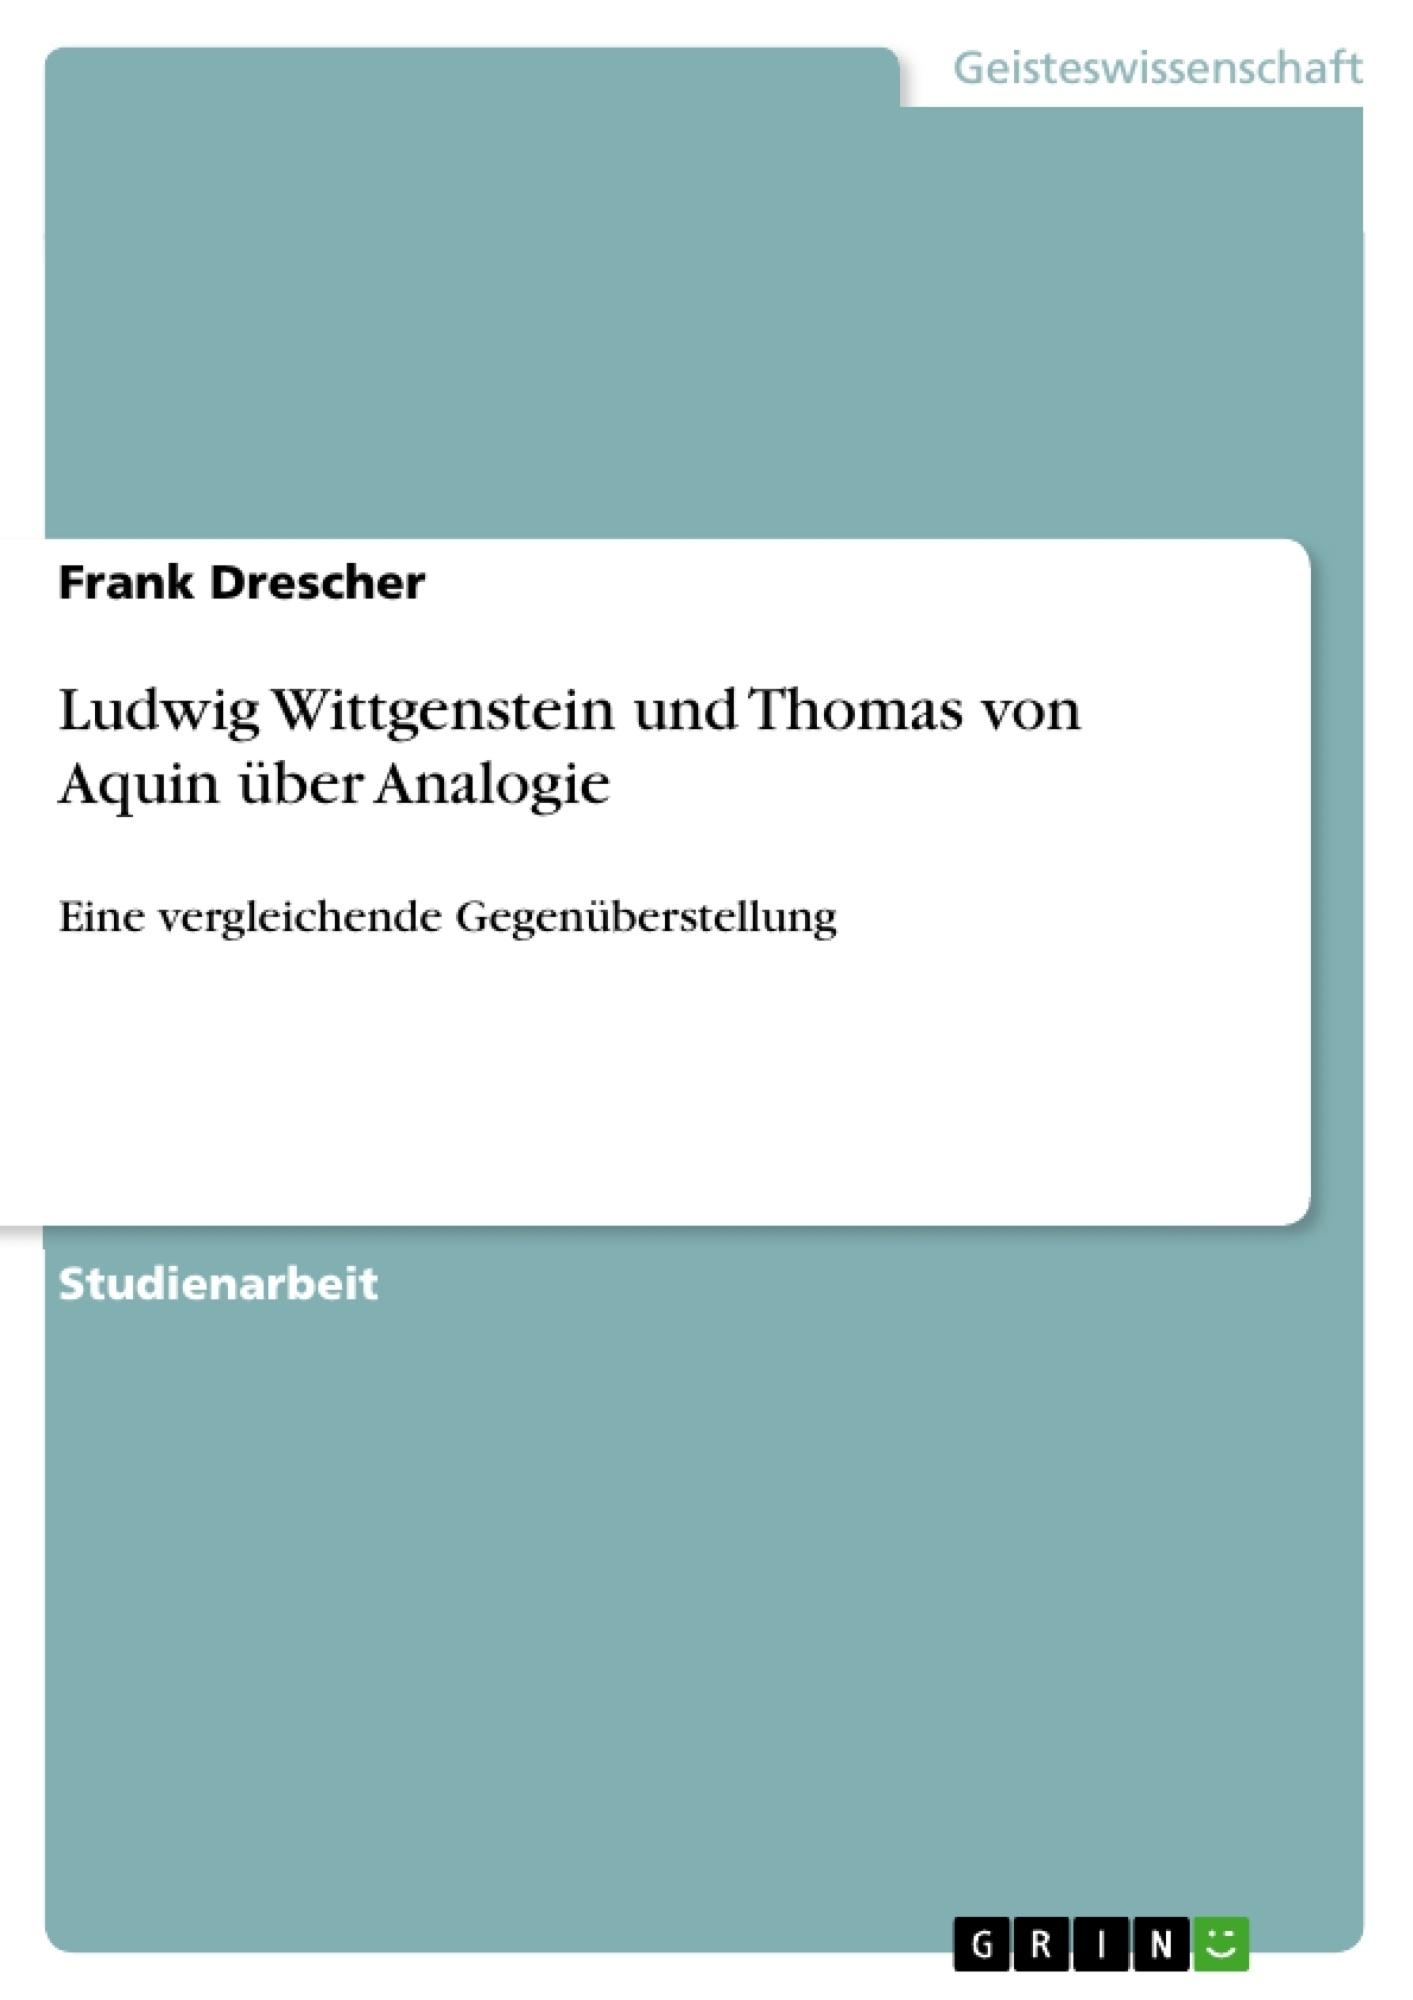 Titel: Ludwig Wittgenstein und Thomas von Aquin über Analogie